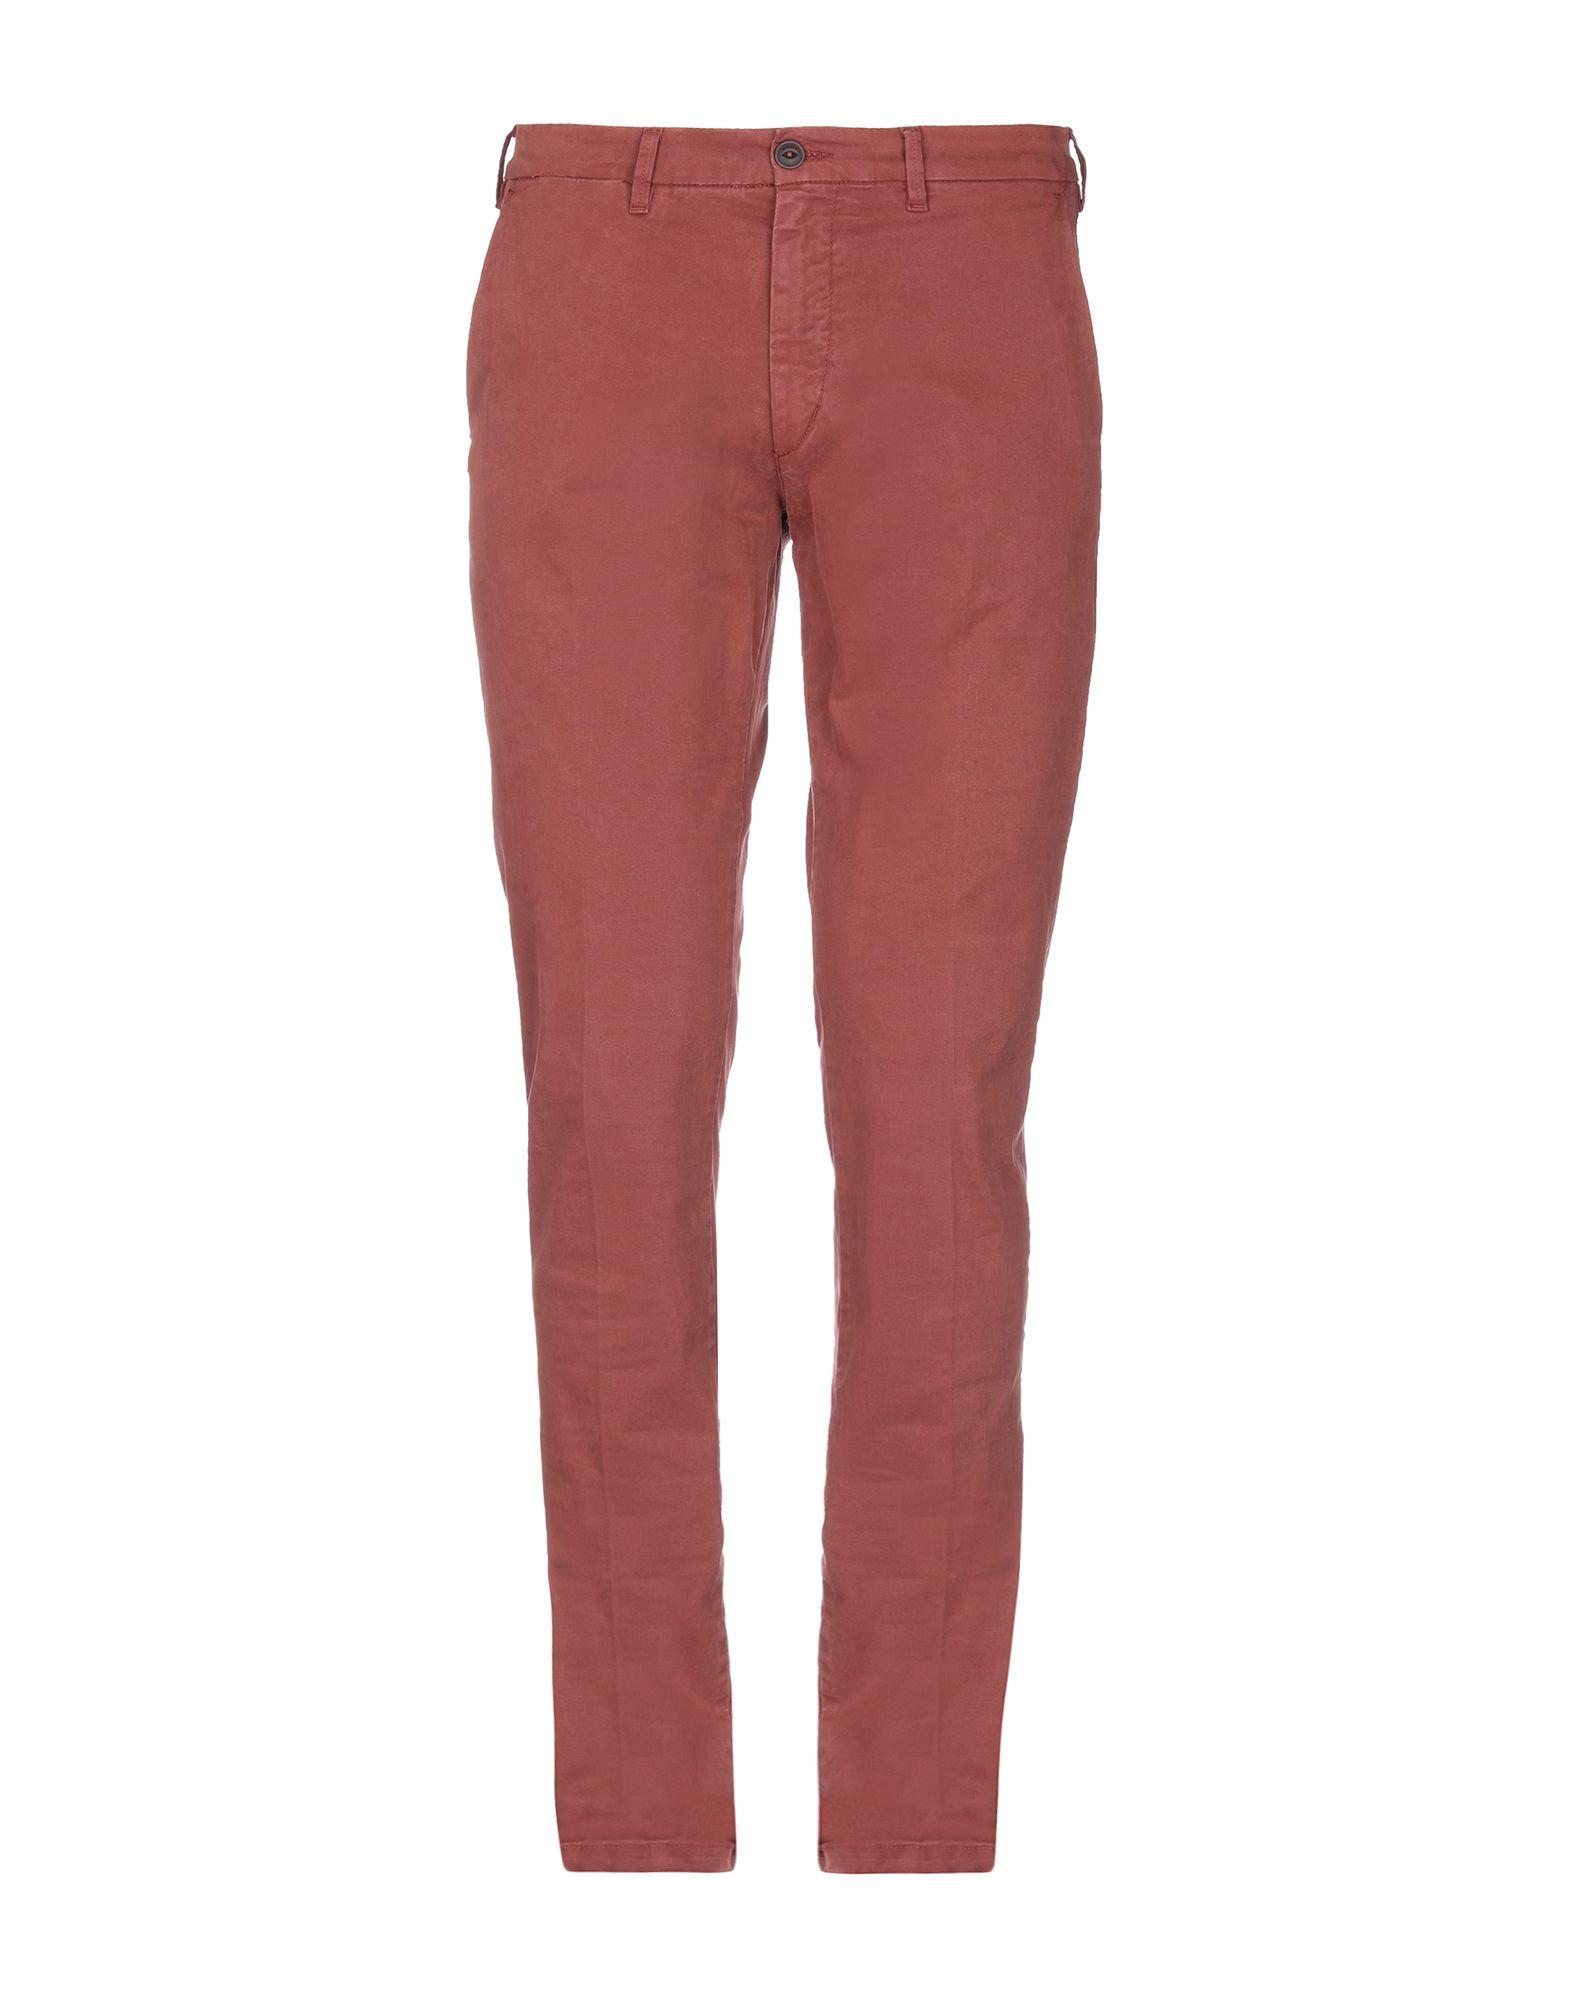 40WEFT Повседневные брюки 19 70 genuine wear повседневные брюки